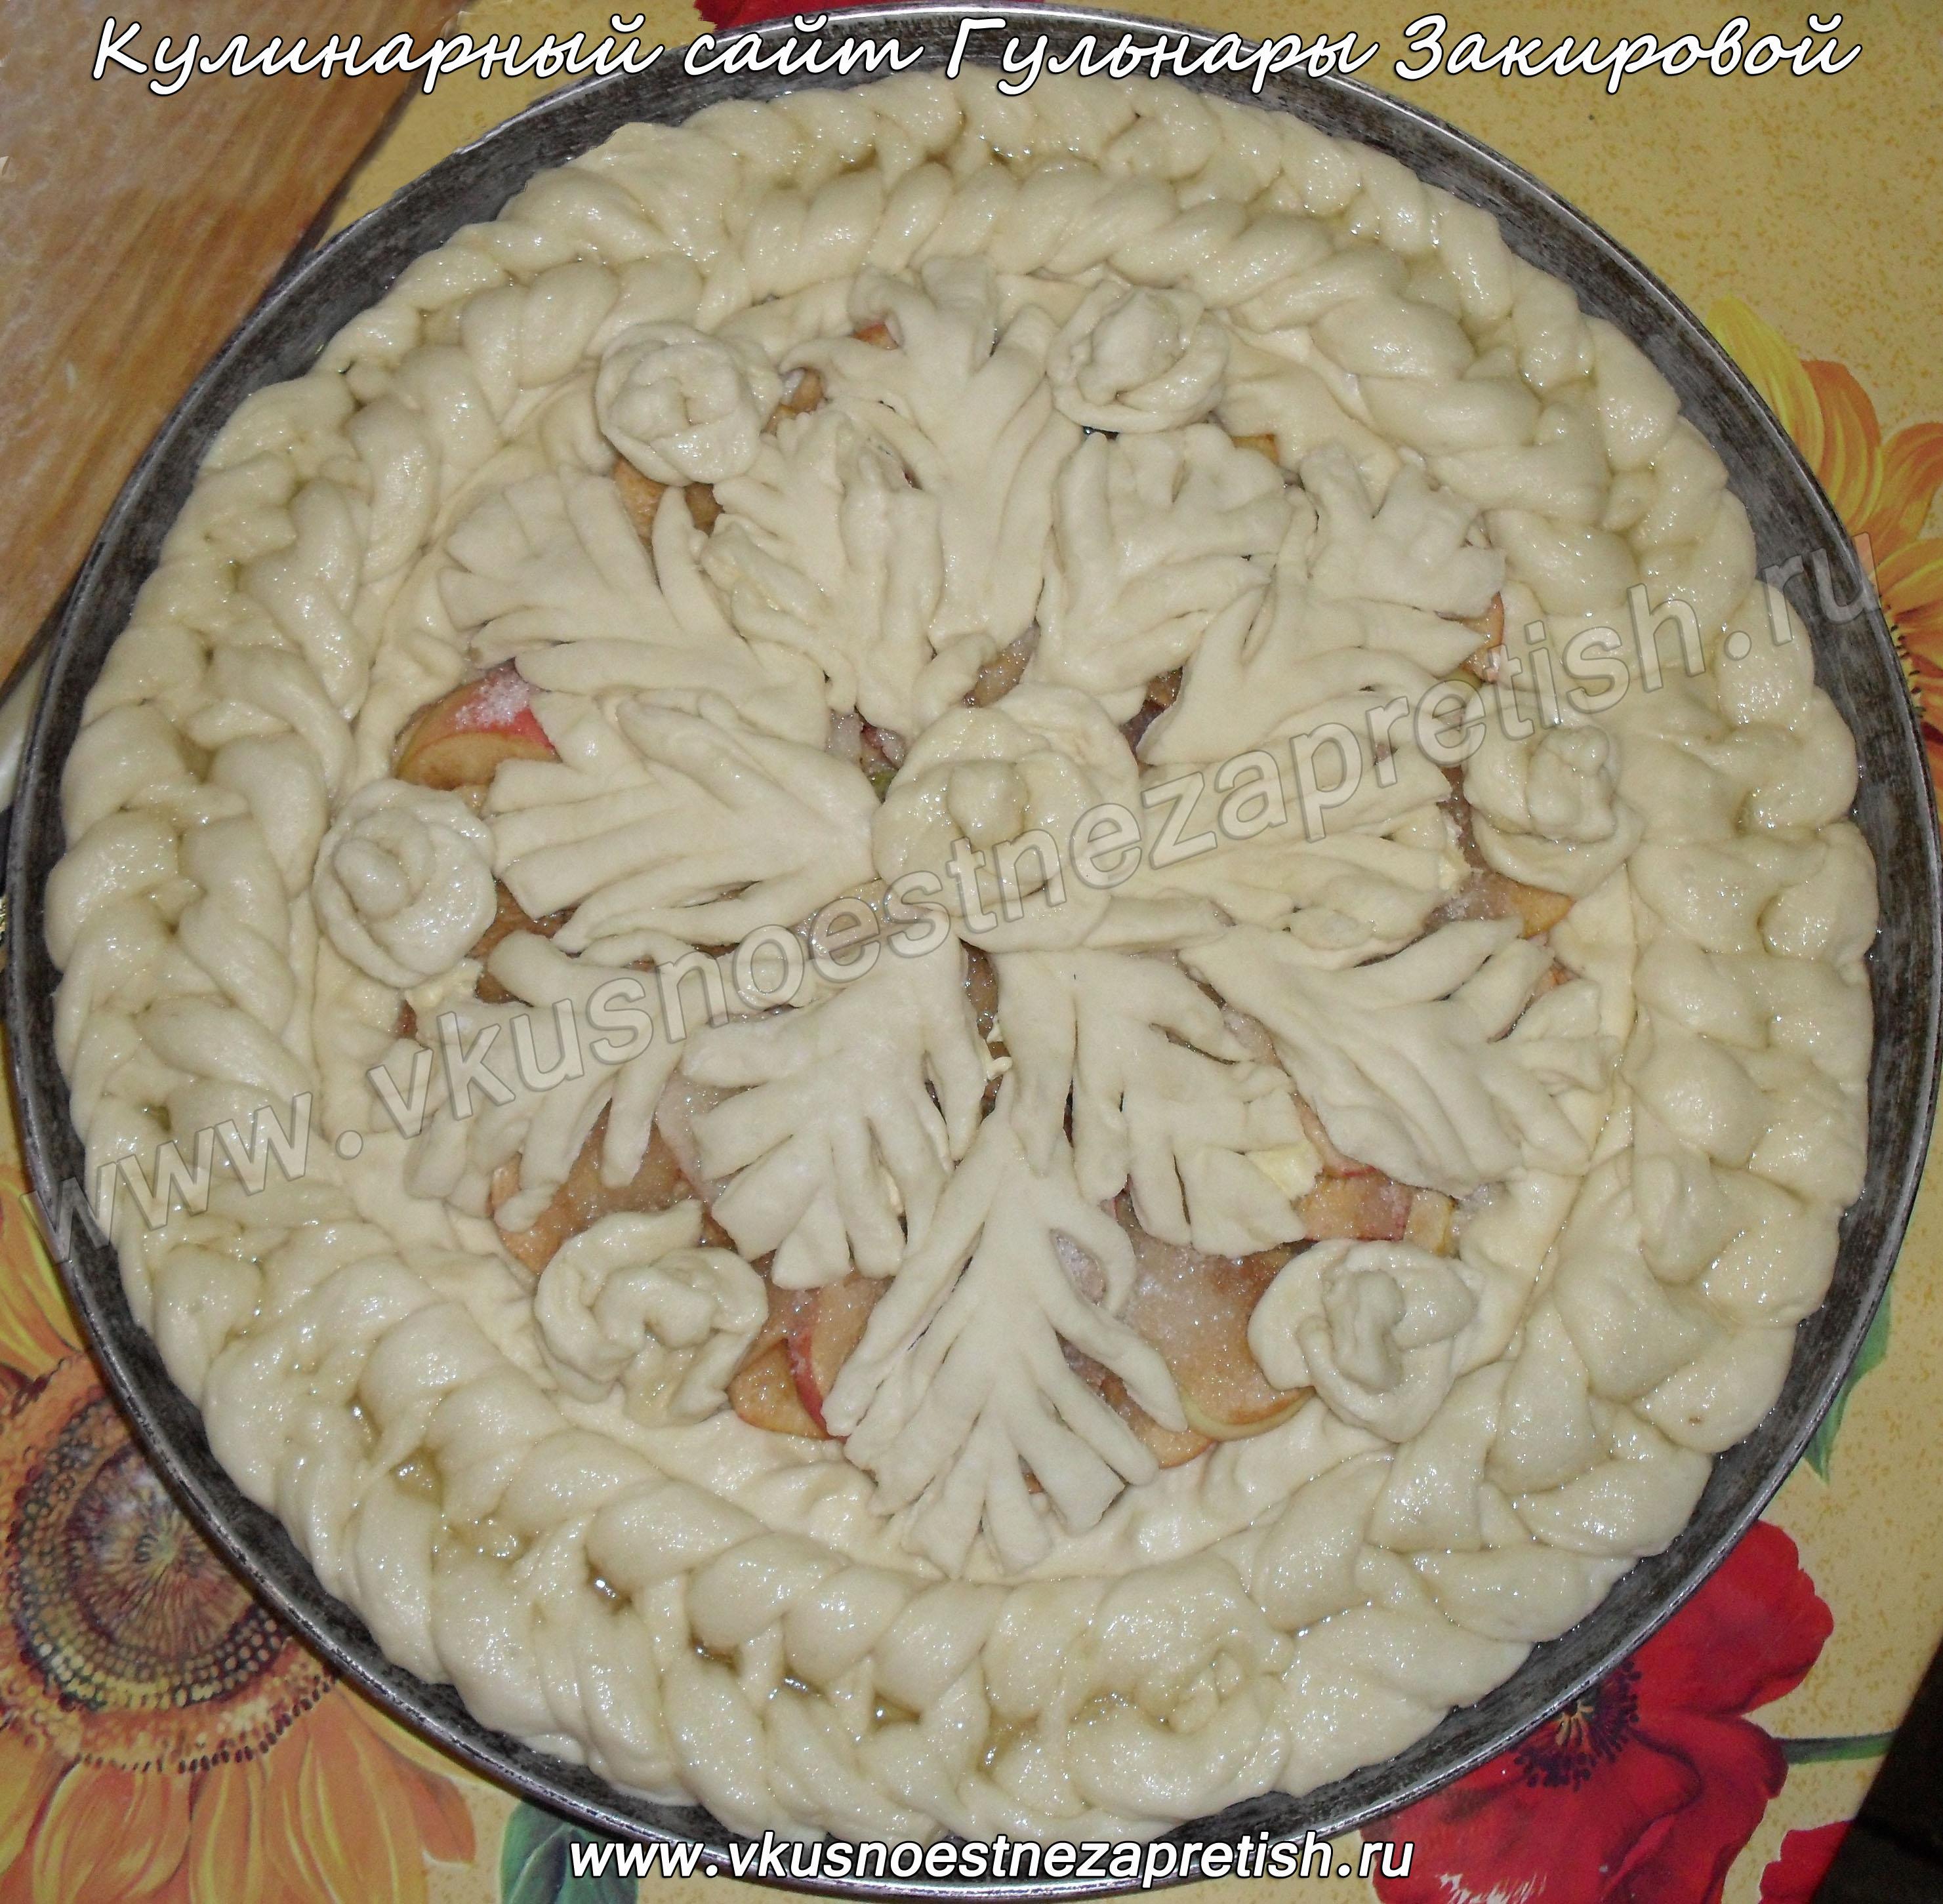 Выпечка рецепты: пироги, торты, печенье, кексы, блины 53